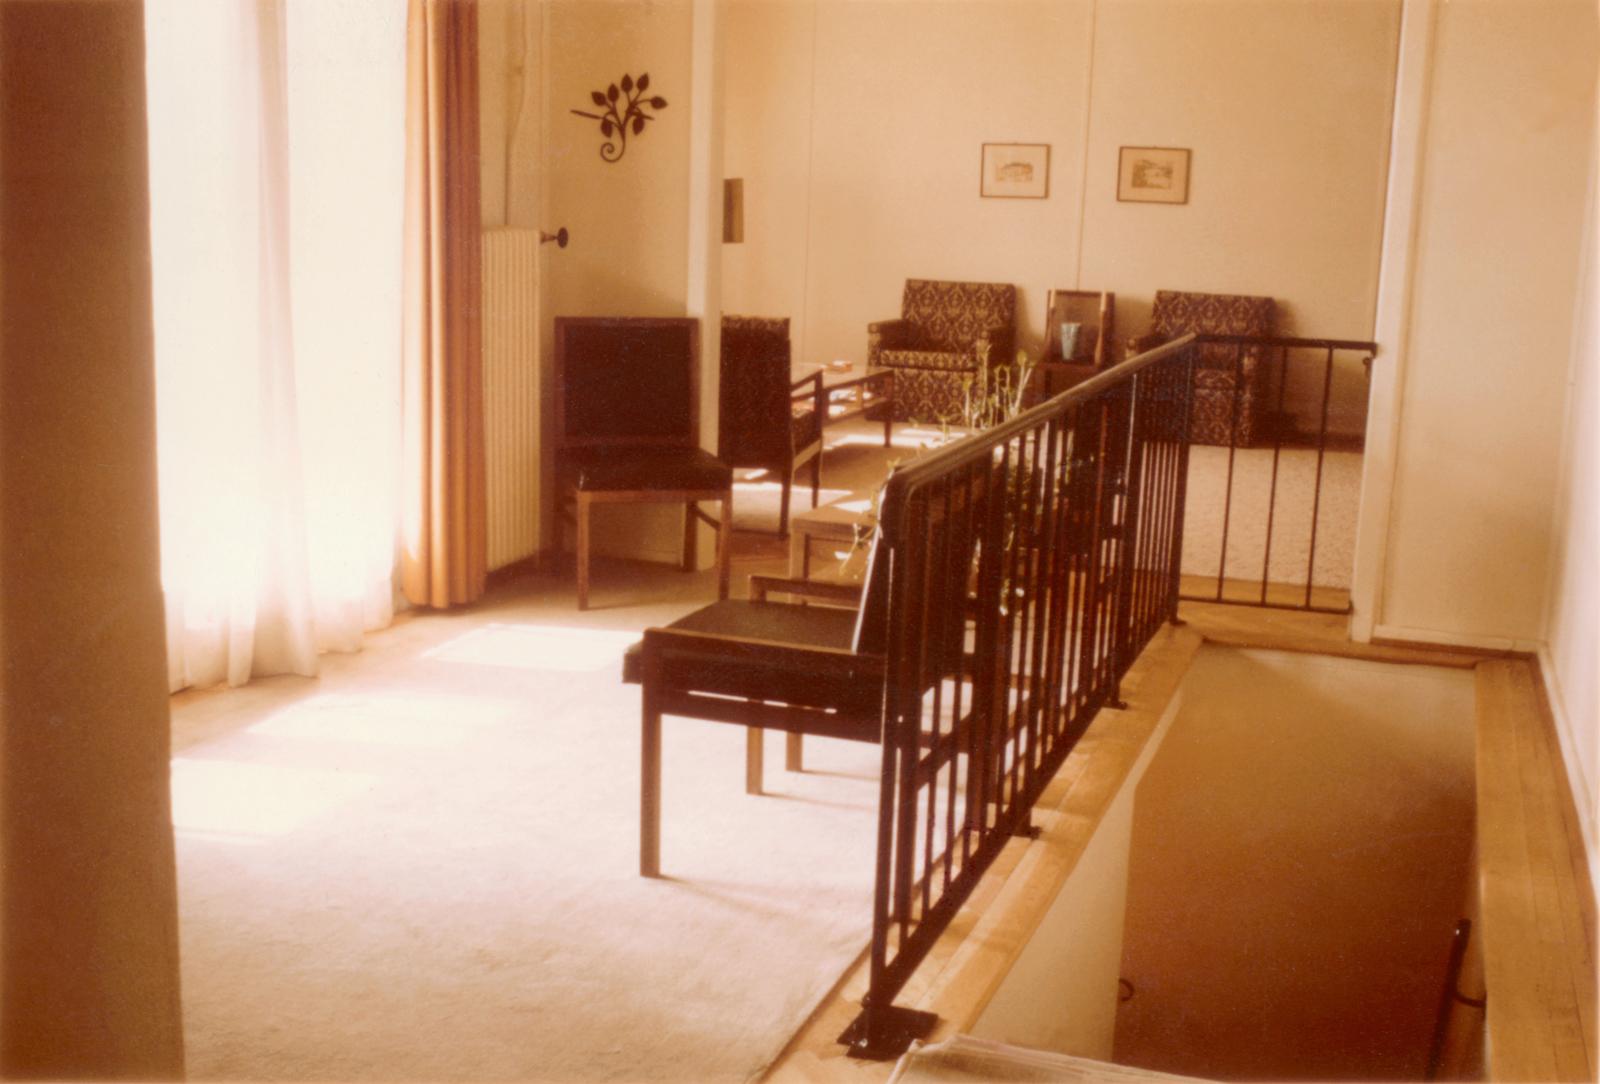 Belgrade - Standard Level Position Residence - 1973